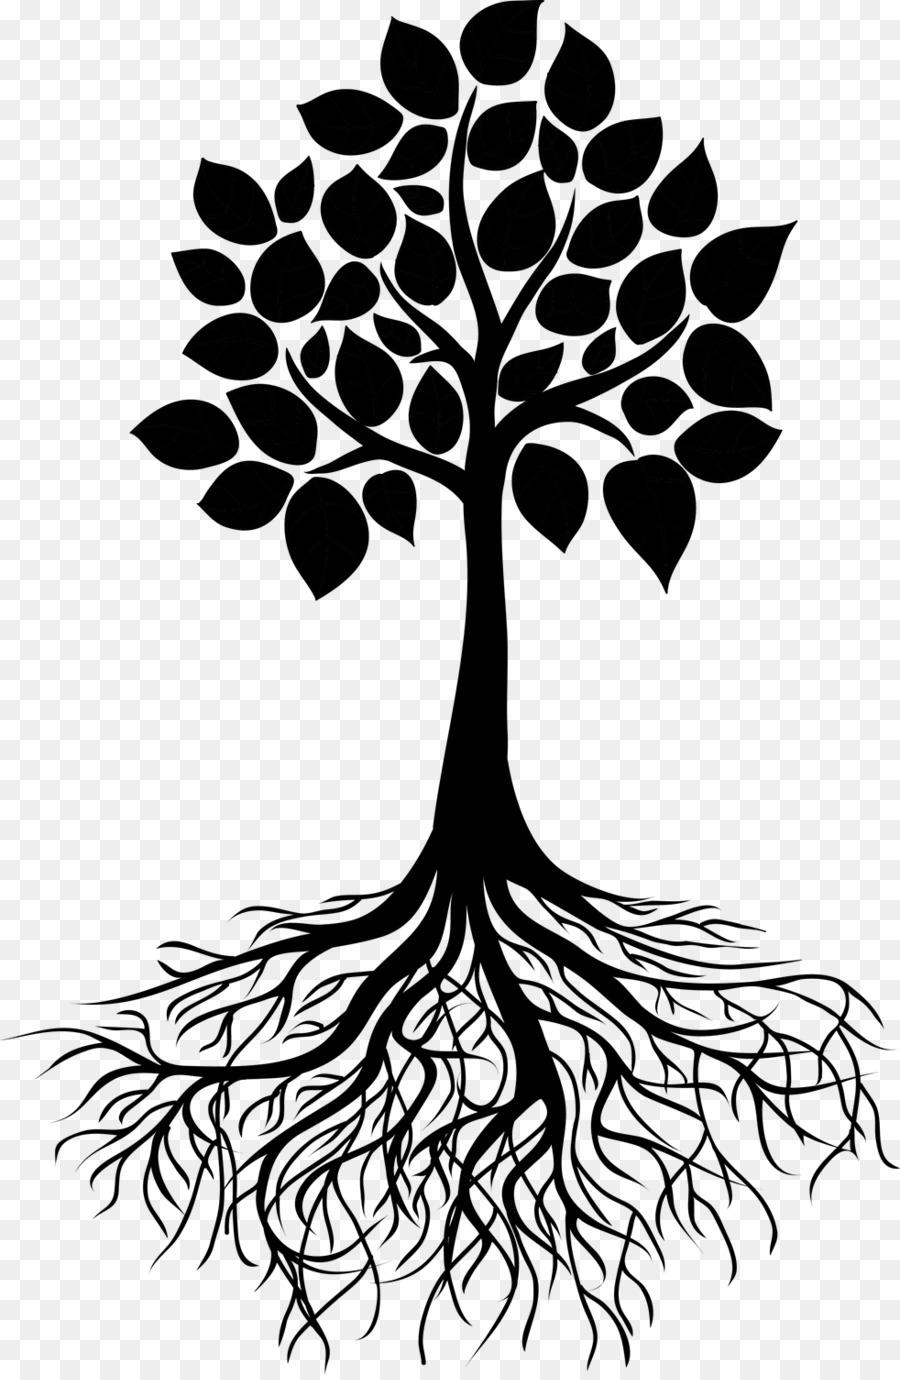 Дерево с корнями рисунок шаблон распечатать